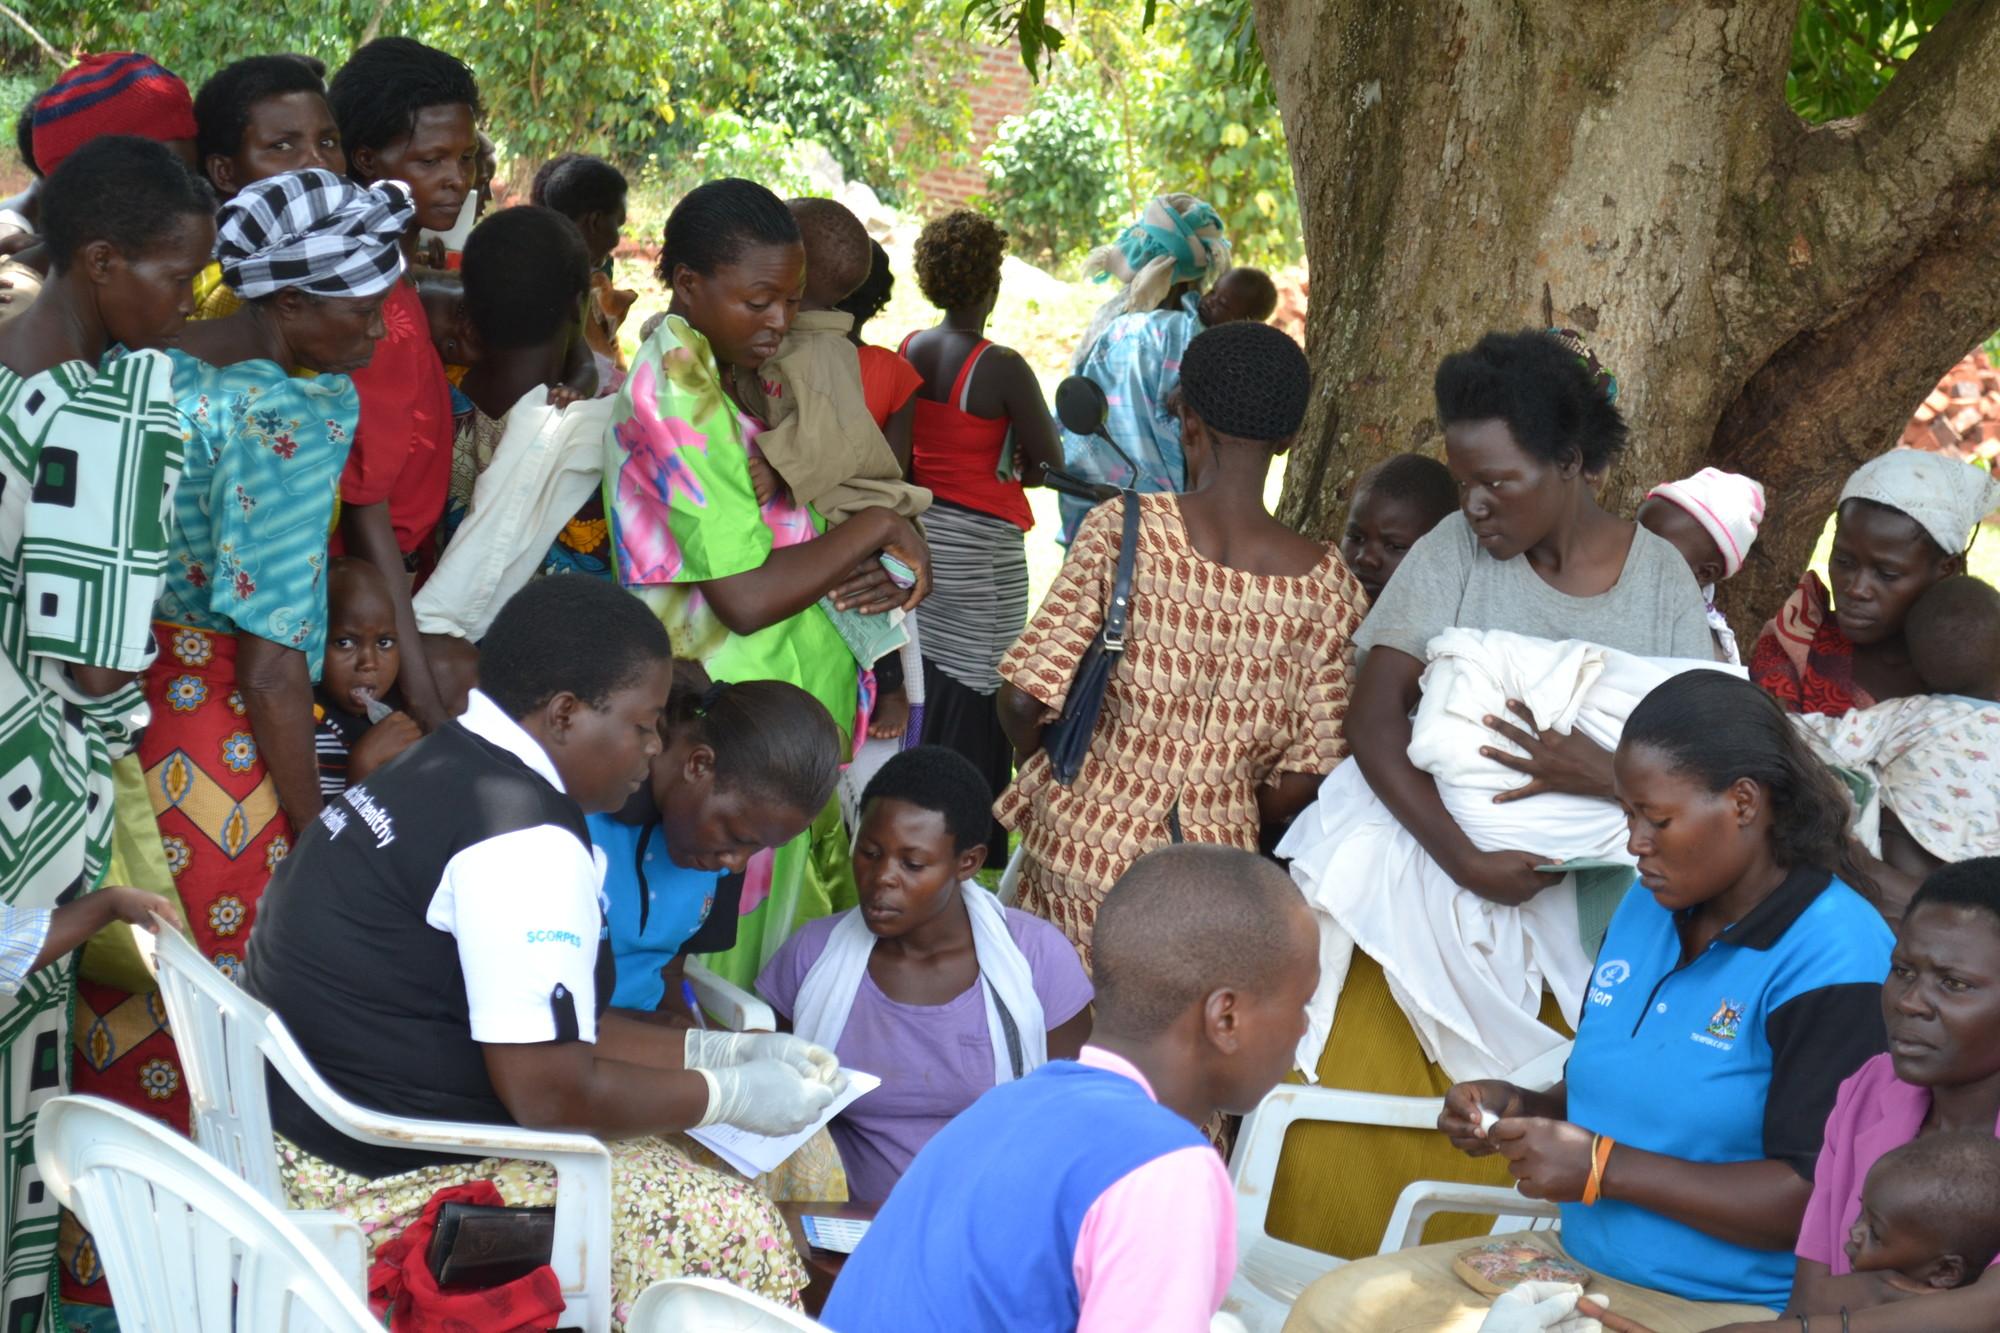 Women await HIV testing in Uganda [Credit: Plan]